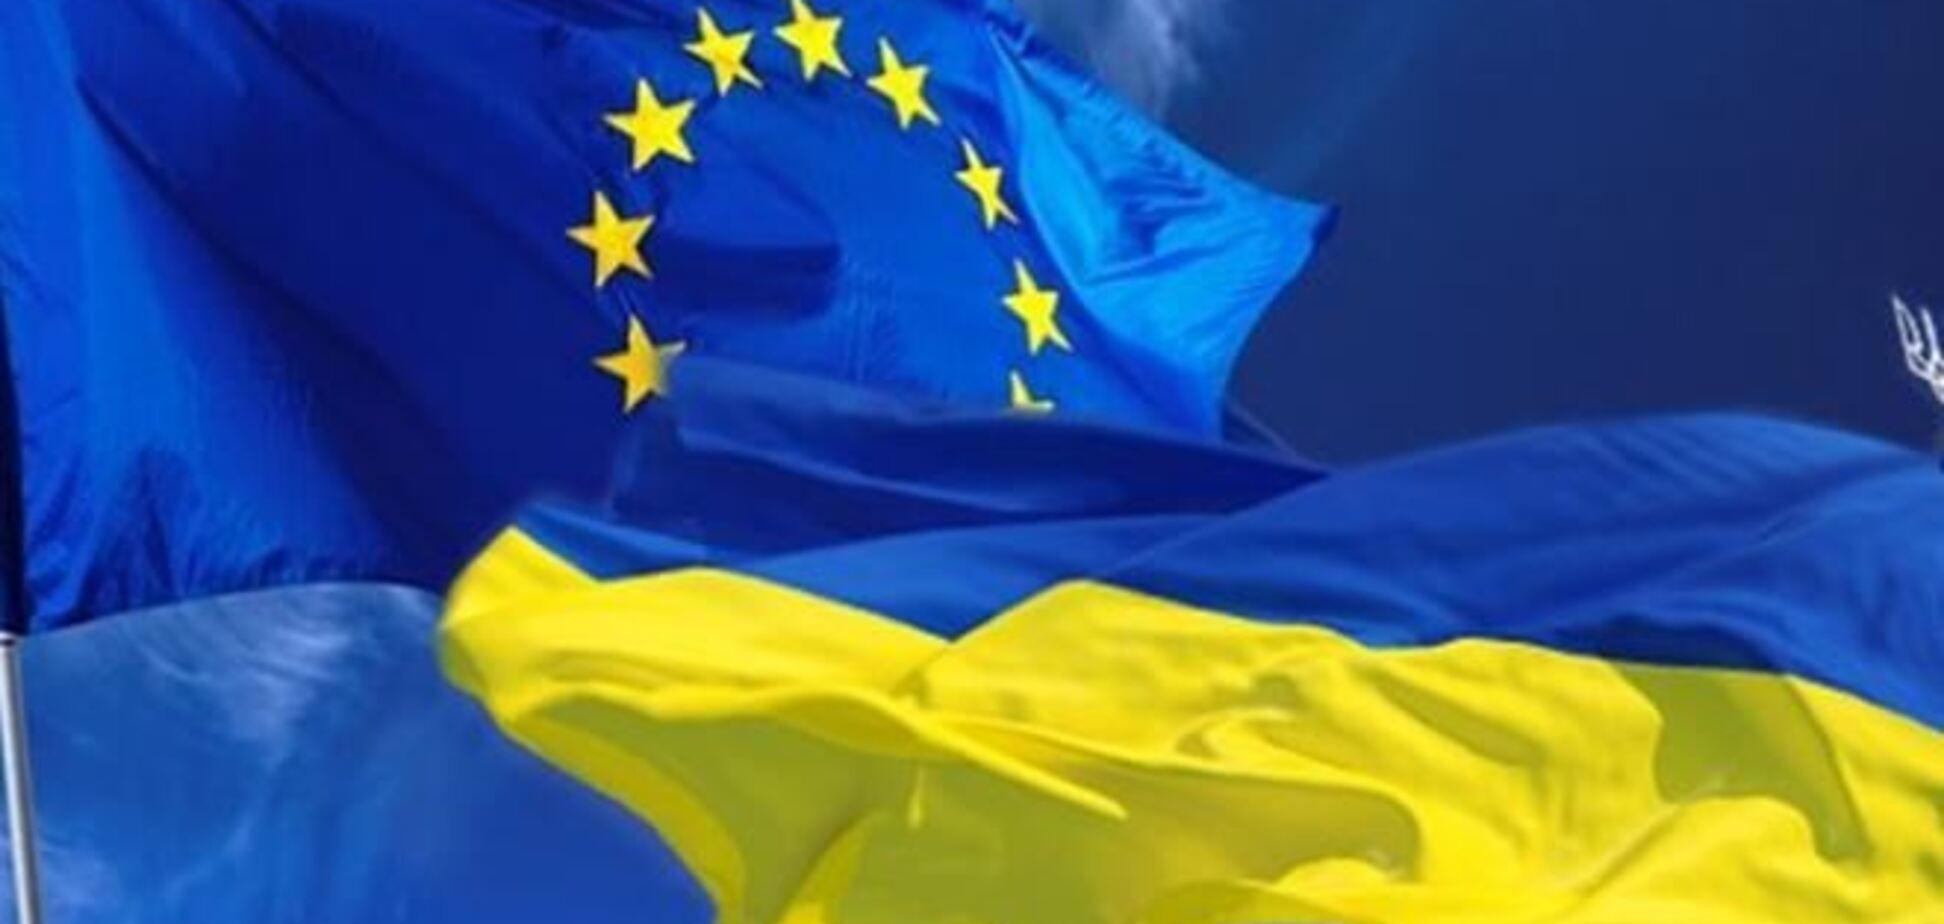 Кабмин возобновил подготовку к подписанию Соглашения об ассоциации с ЕС